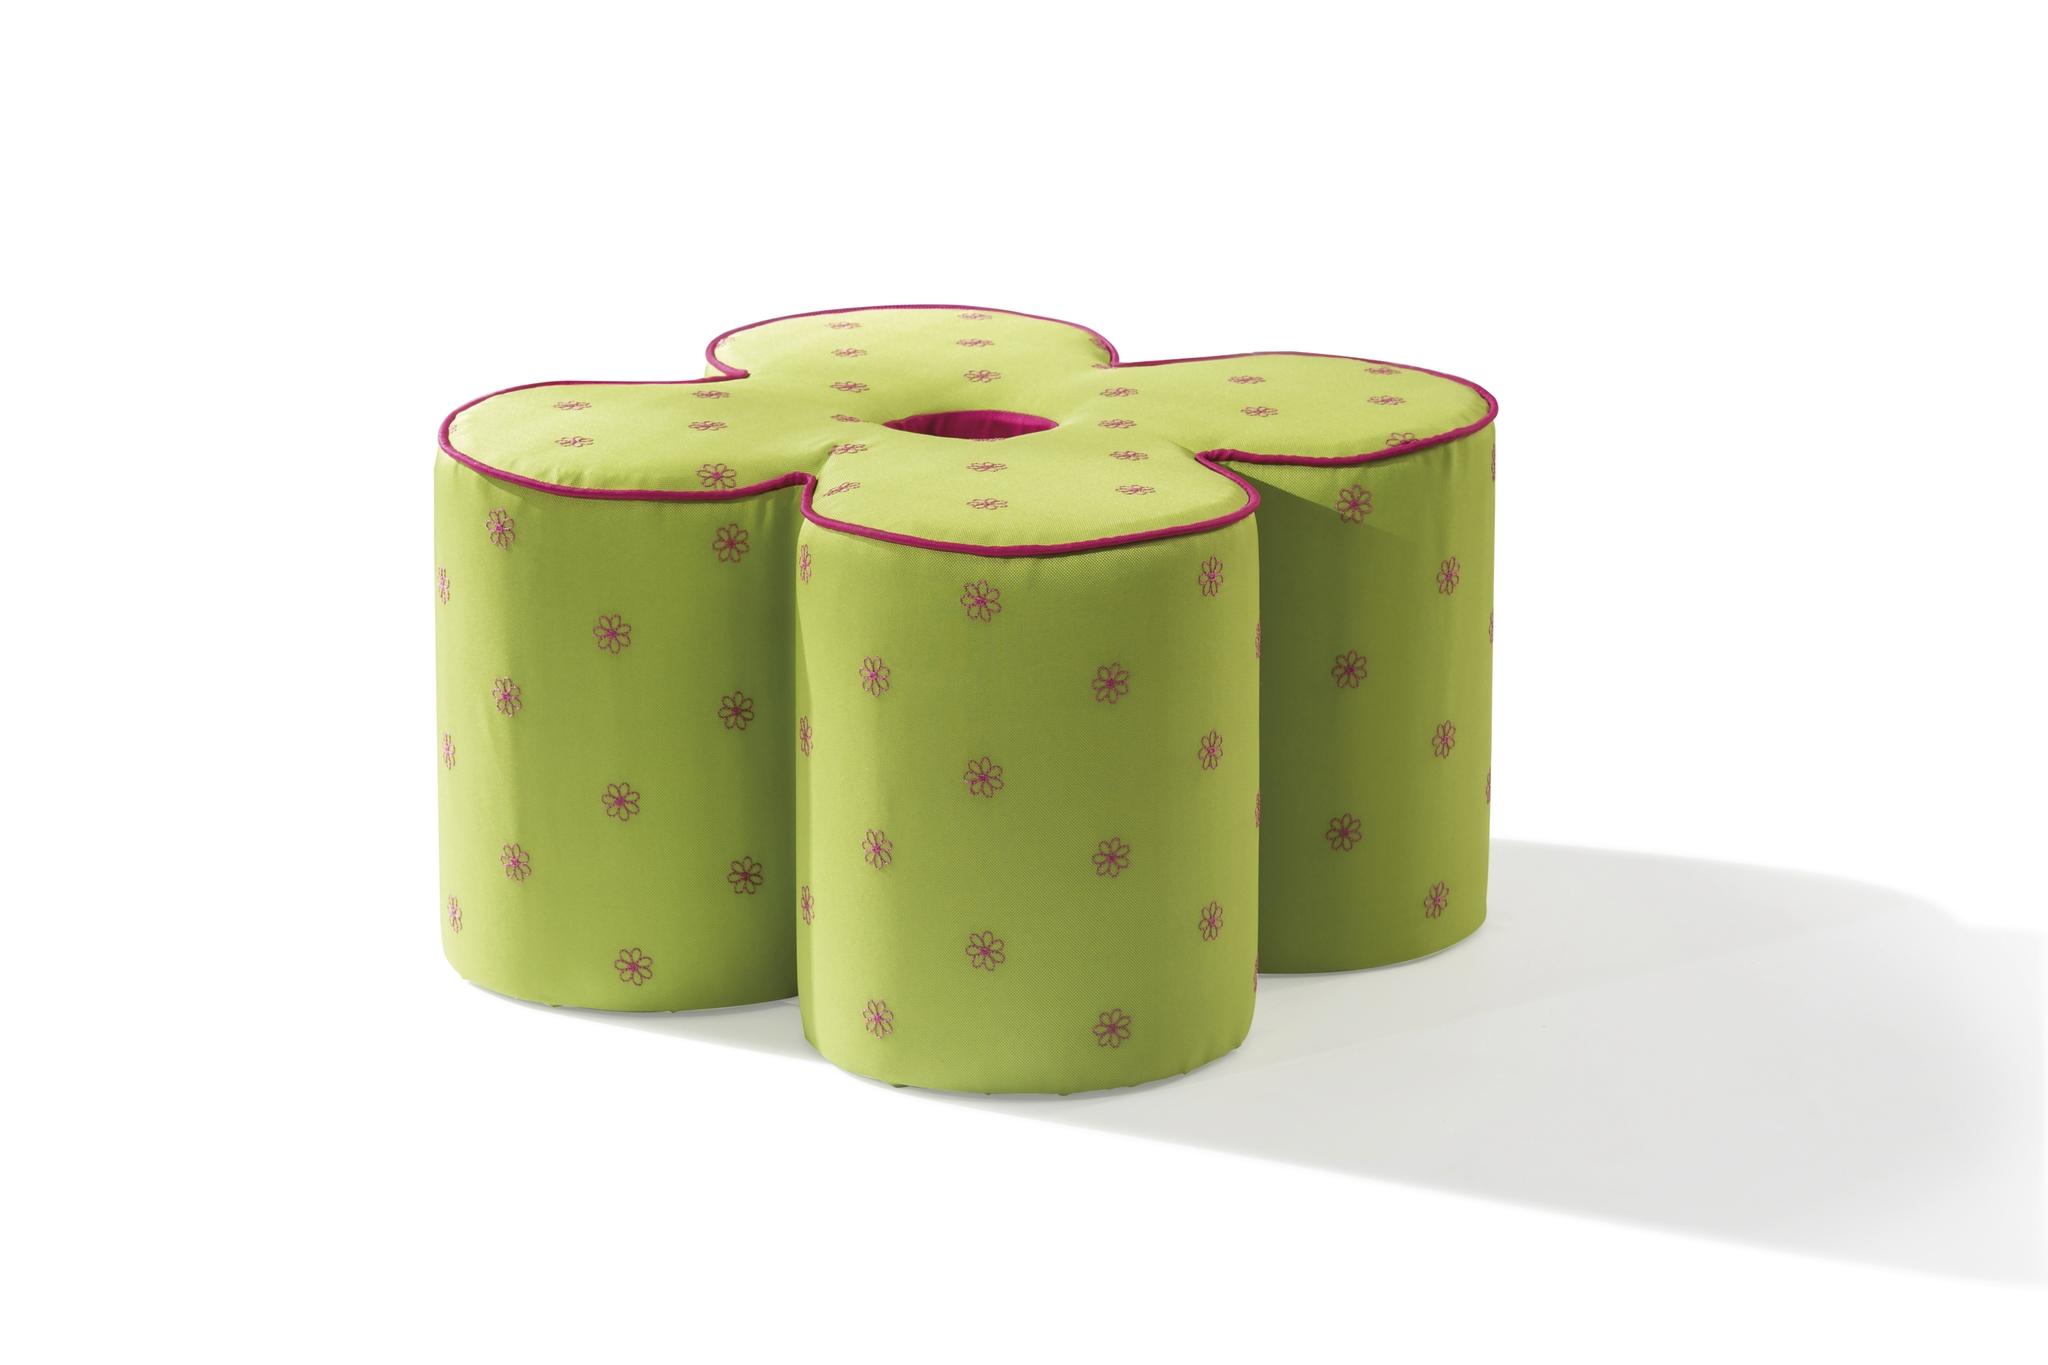 Taburet pentru copii tapitat cu stofa Daisy Green l50xA50xH30 cm